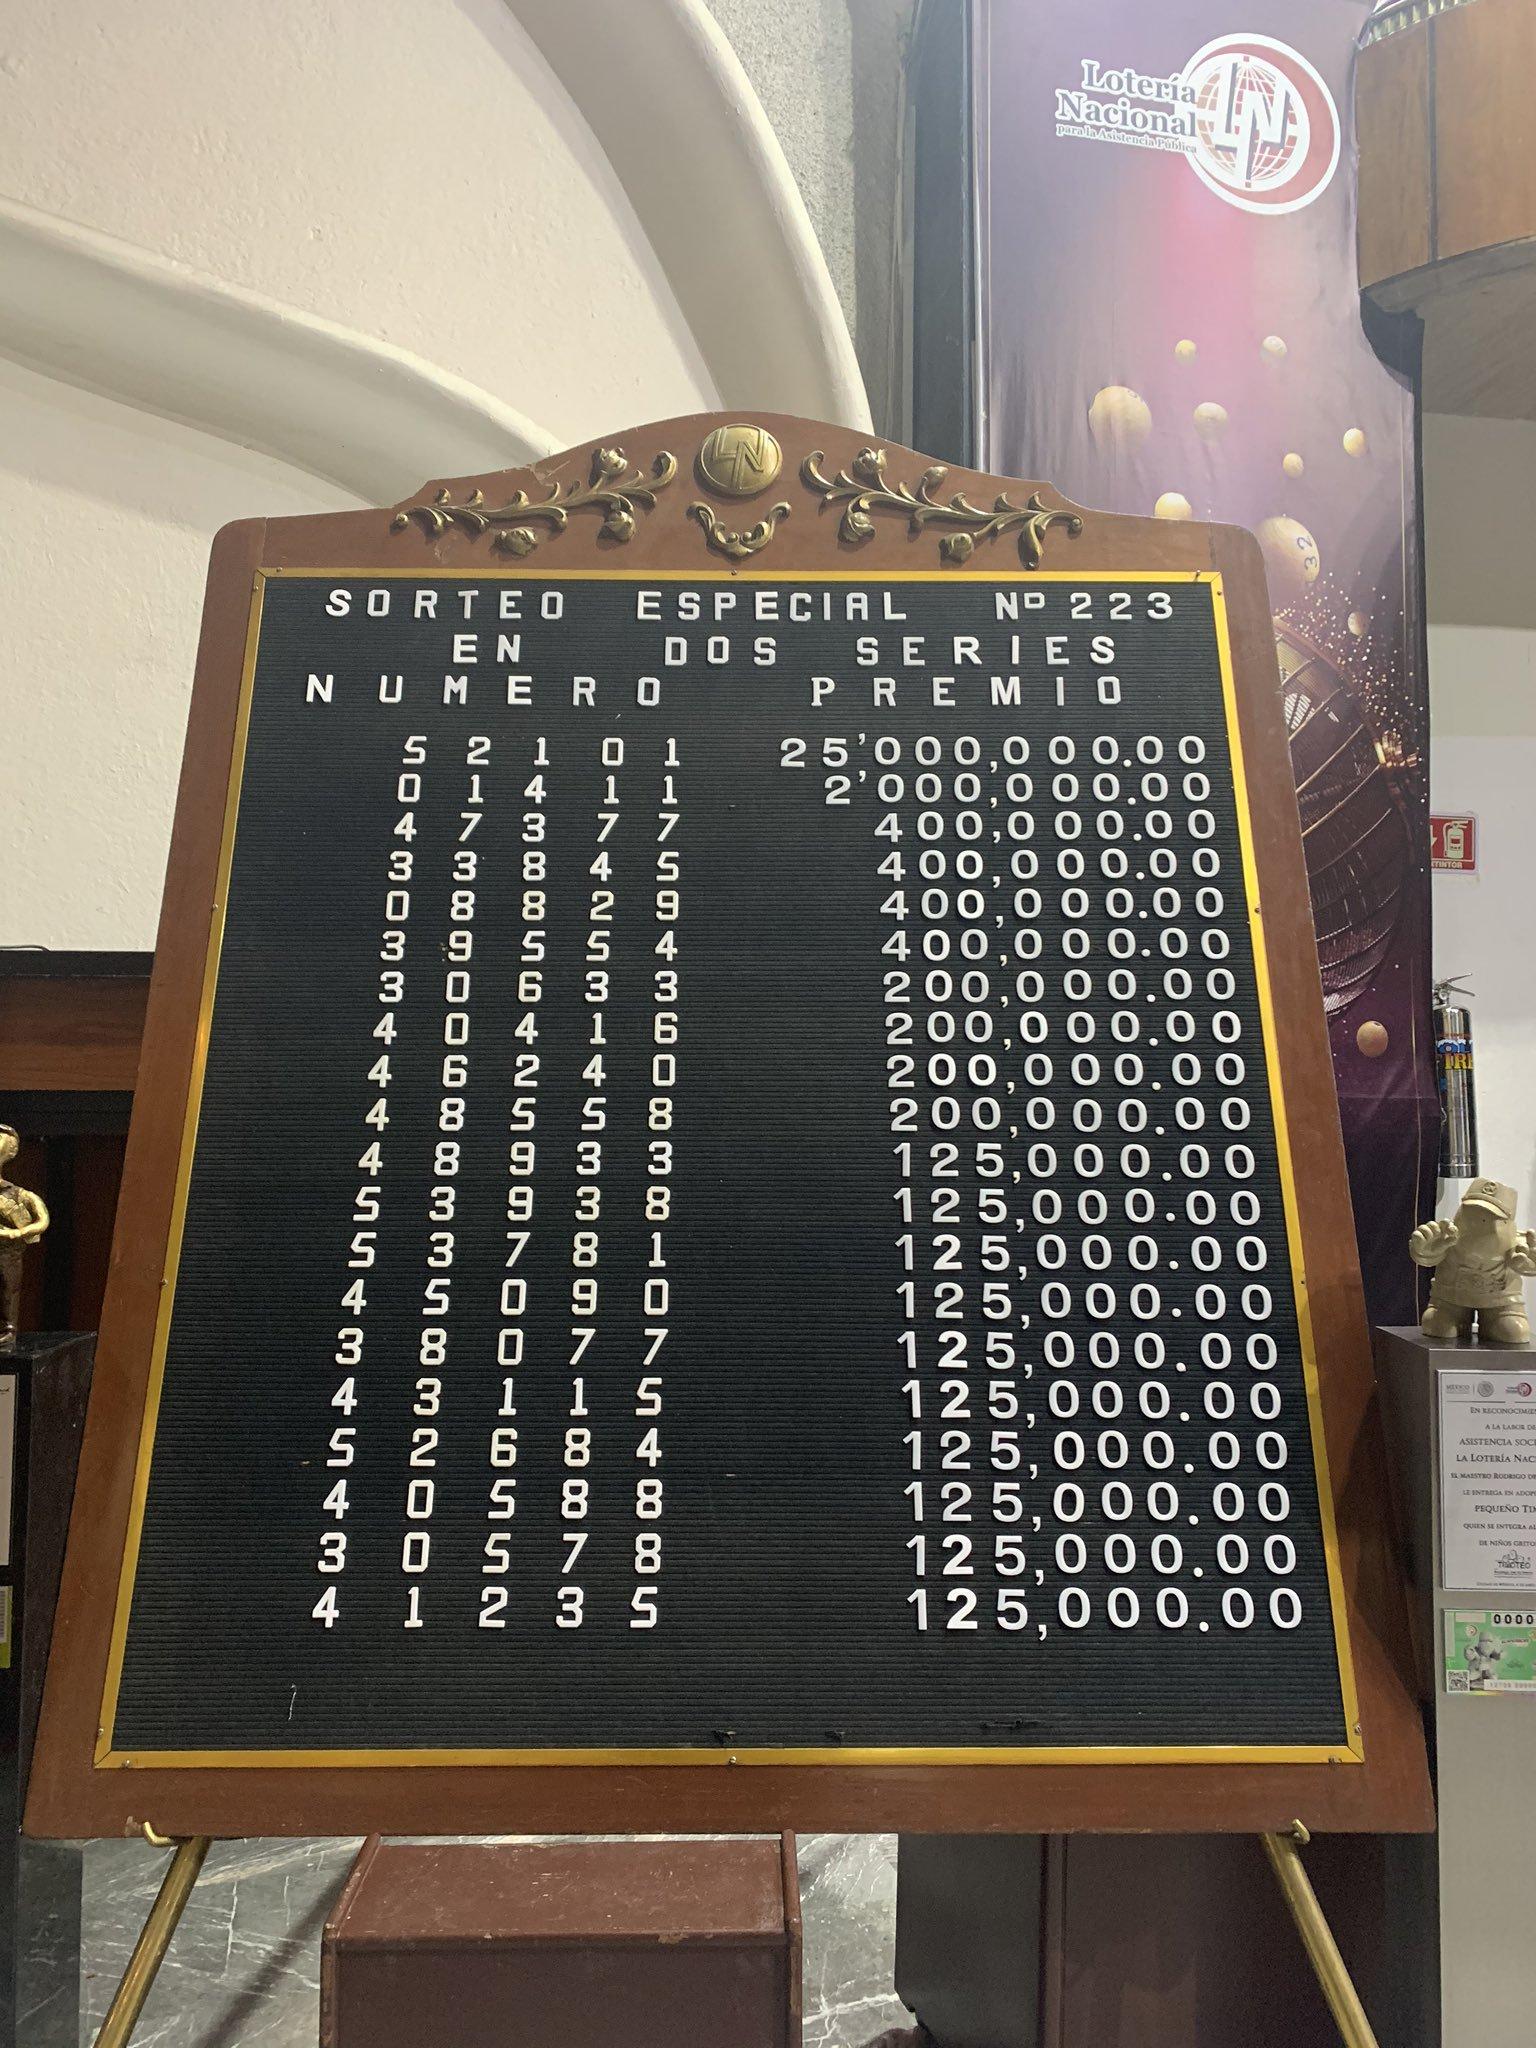 Resultados sorteo especial 223